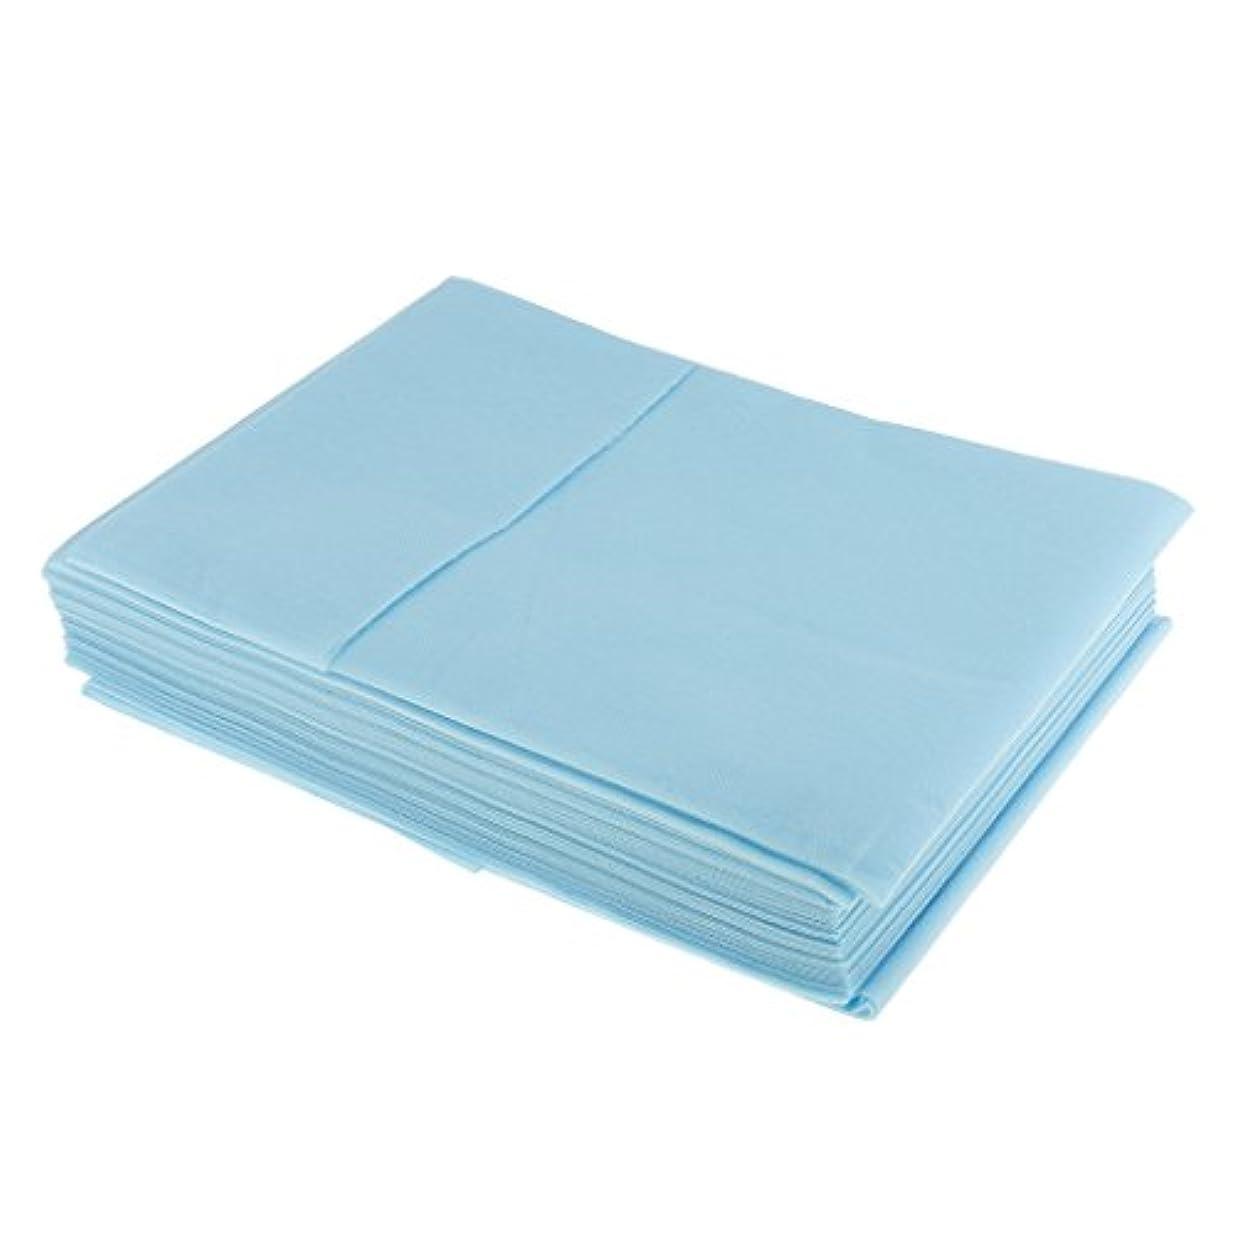 チーム雄弁な正しく10枚入り 使い捨て 衛生シート ベッドパッド 旅行用 美容室/マッサージ/サロン/ホテル 店舗用品 全3色選べ - 青